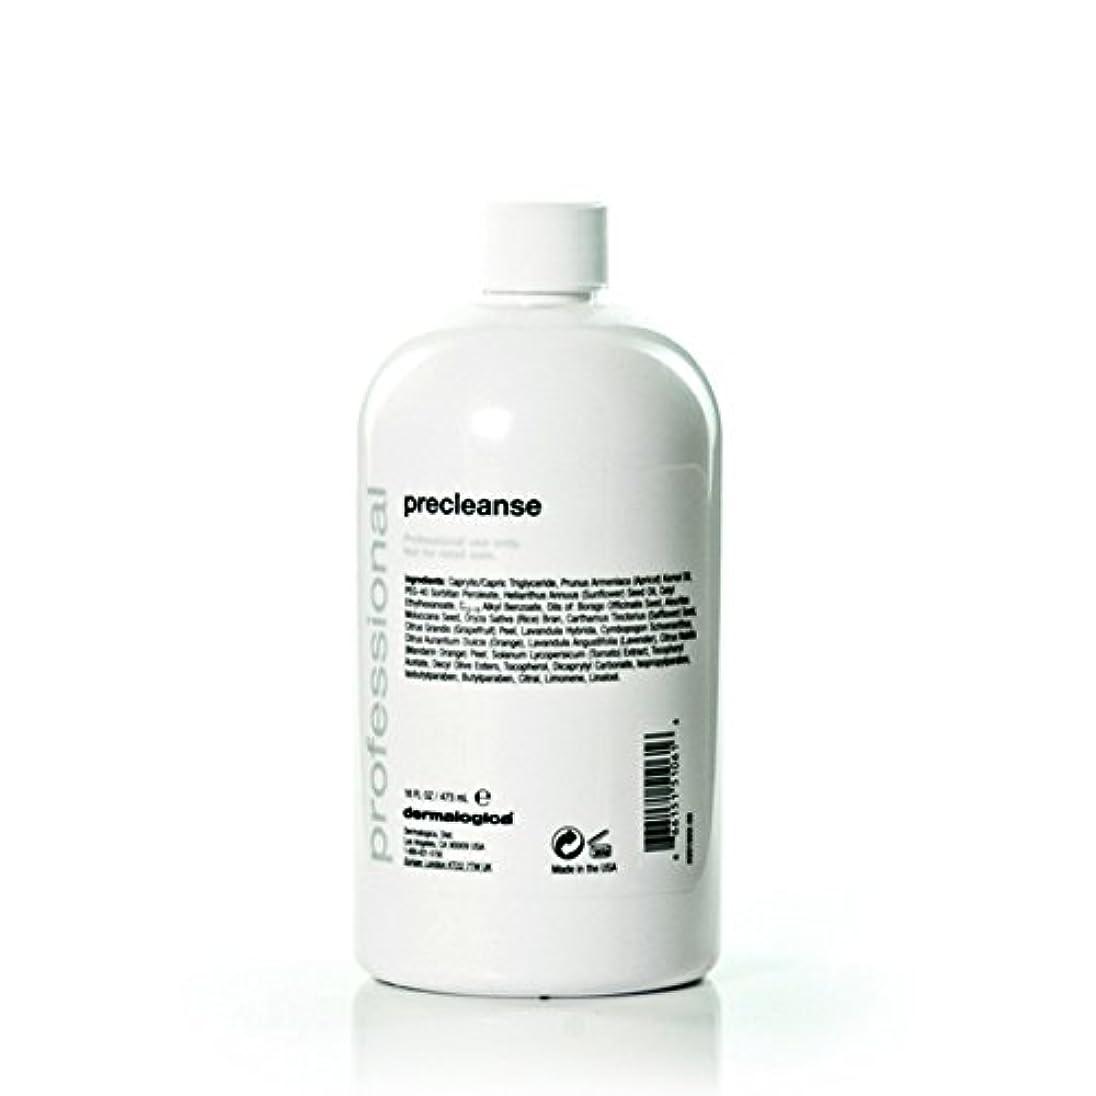 青流立方体ダーマロジカ プレクレンズ (サロンサイズ) 473ml/16oz並行輸入品